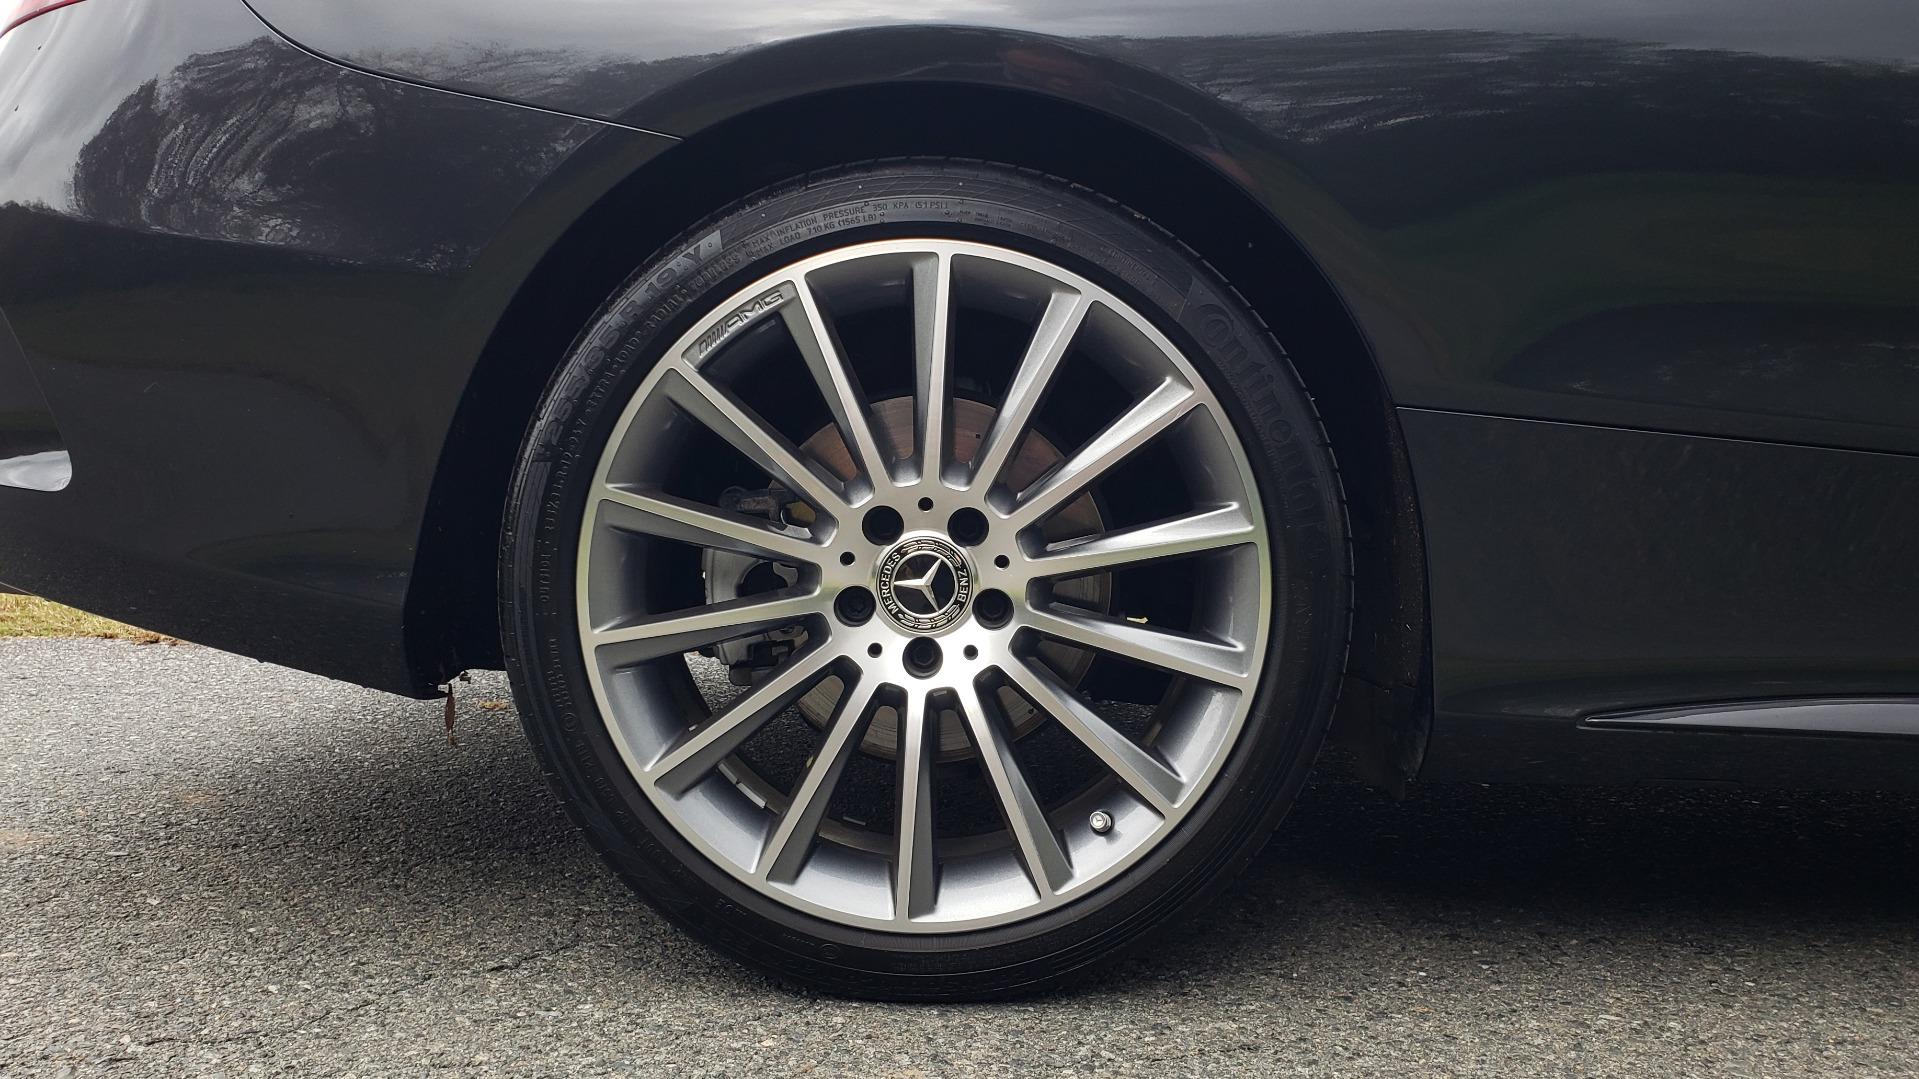 Used 2019 Mercedes-Benz C-CLASS C 300 CABRIOLET / PREM PKG / NAV / BURMESTER / MULTIMEDIA for sale Sold at Formula Imports in Charlotte NC 28227 86